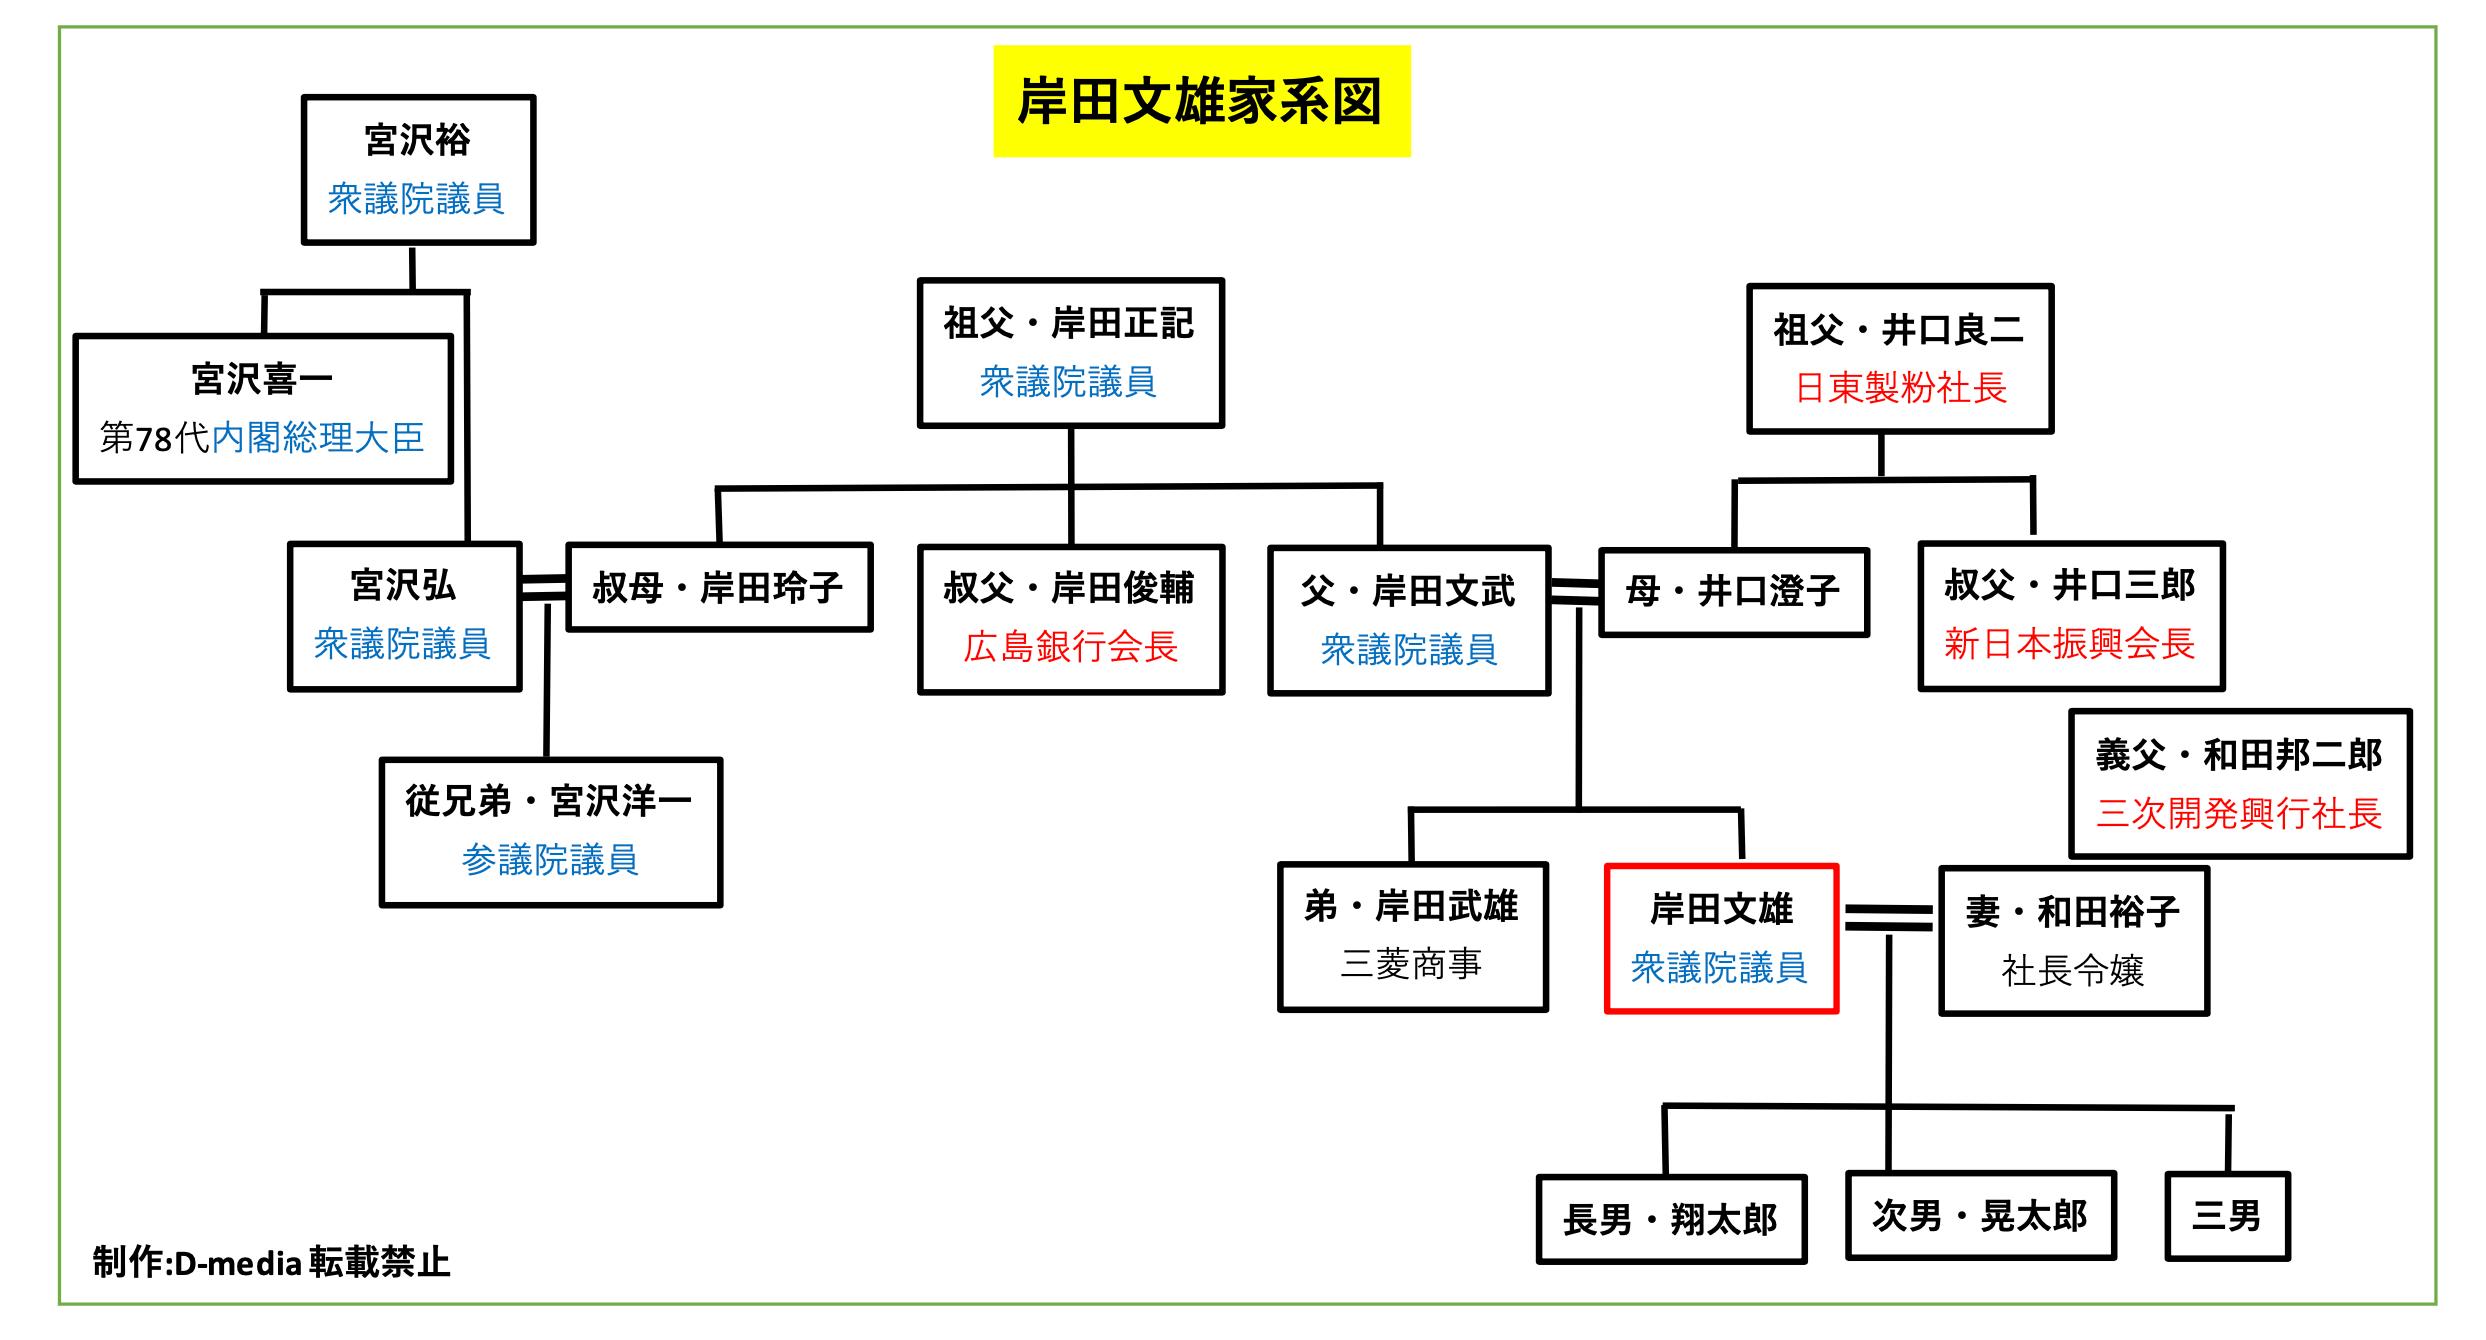 岸田文雄 家系図